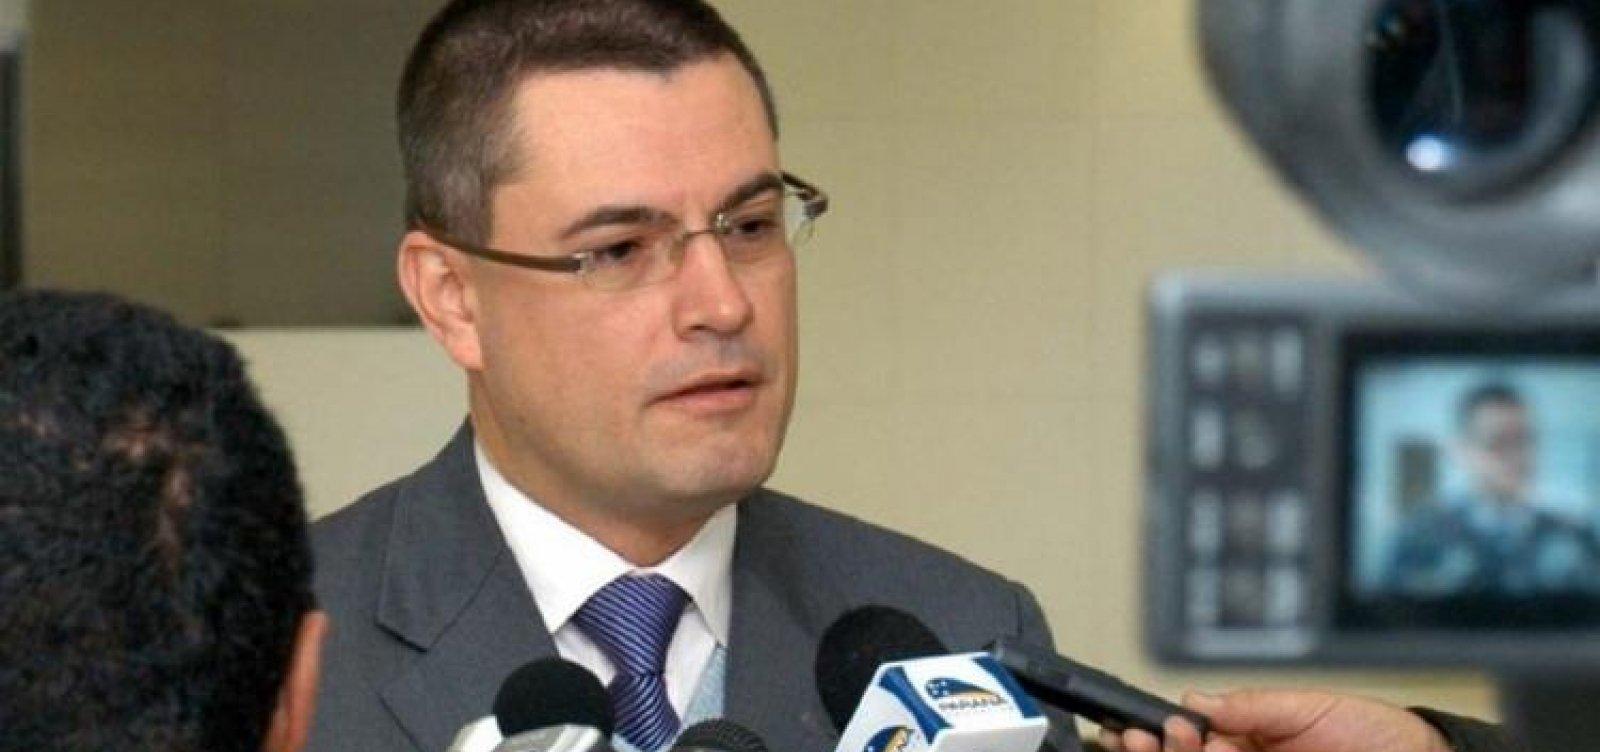 [Valeixo diz que Bolsonaro queria no comando da PF alguém com quem tivesse 'afinidade']